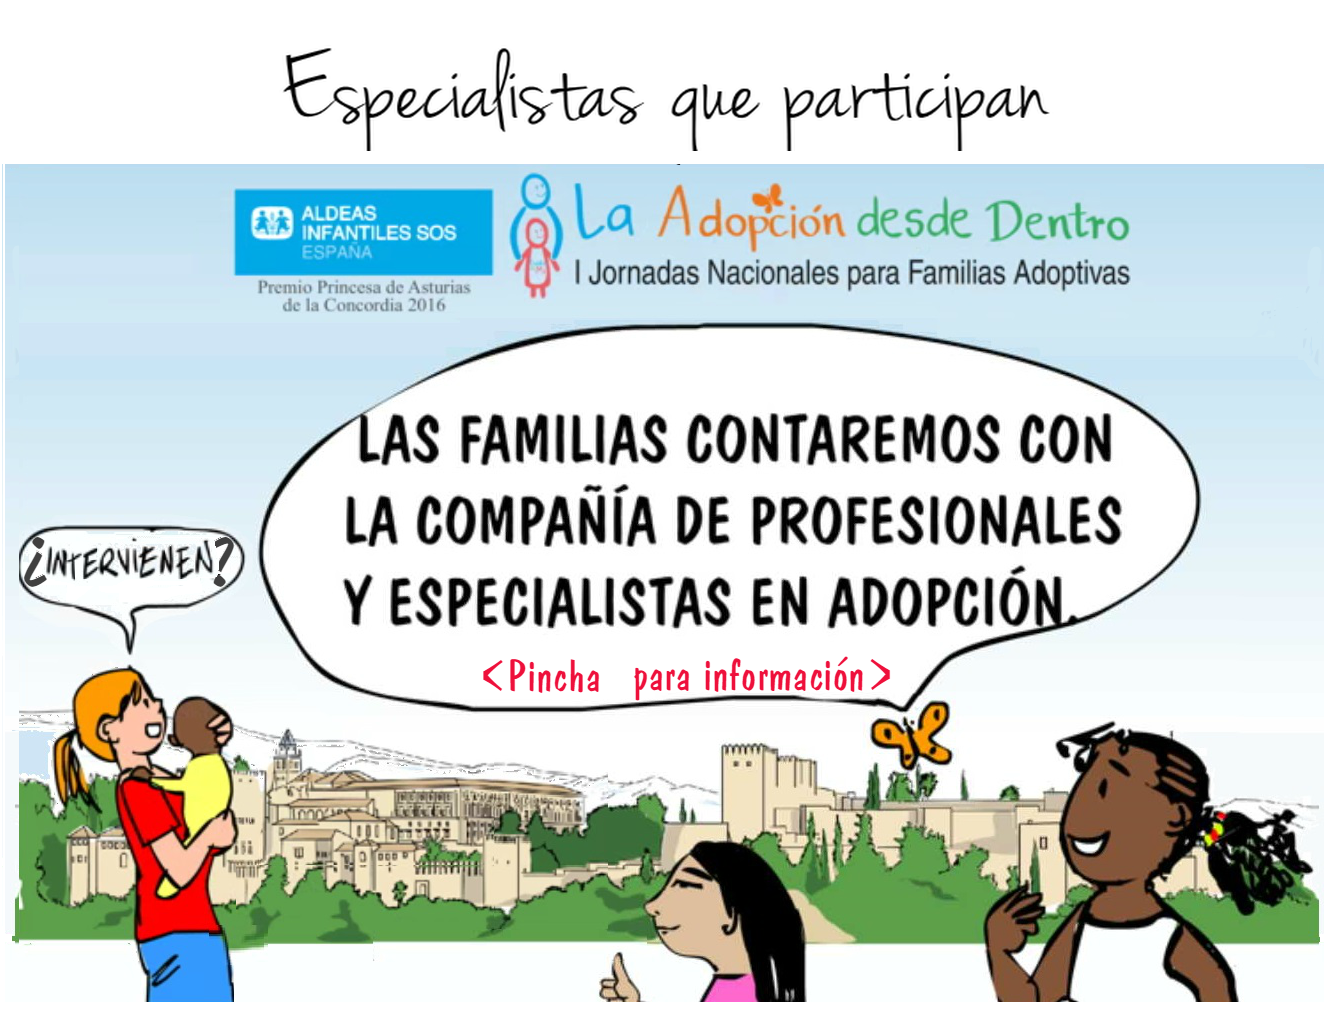 especialistas-participan-07-11